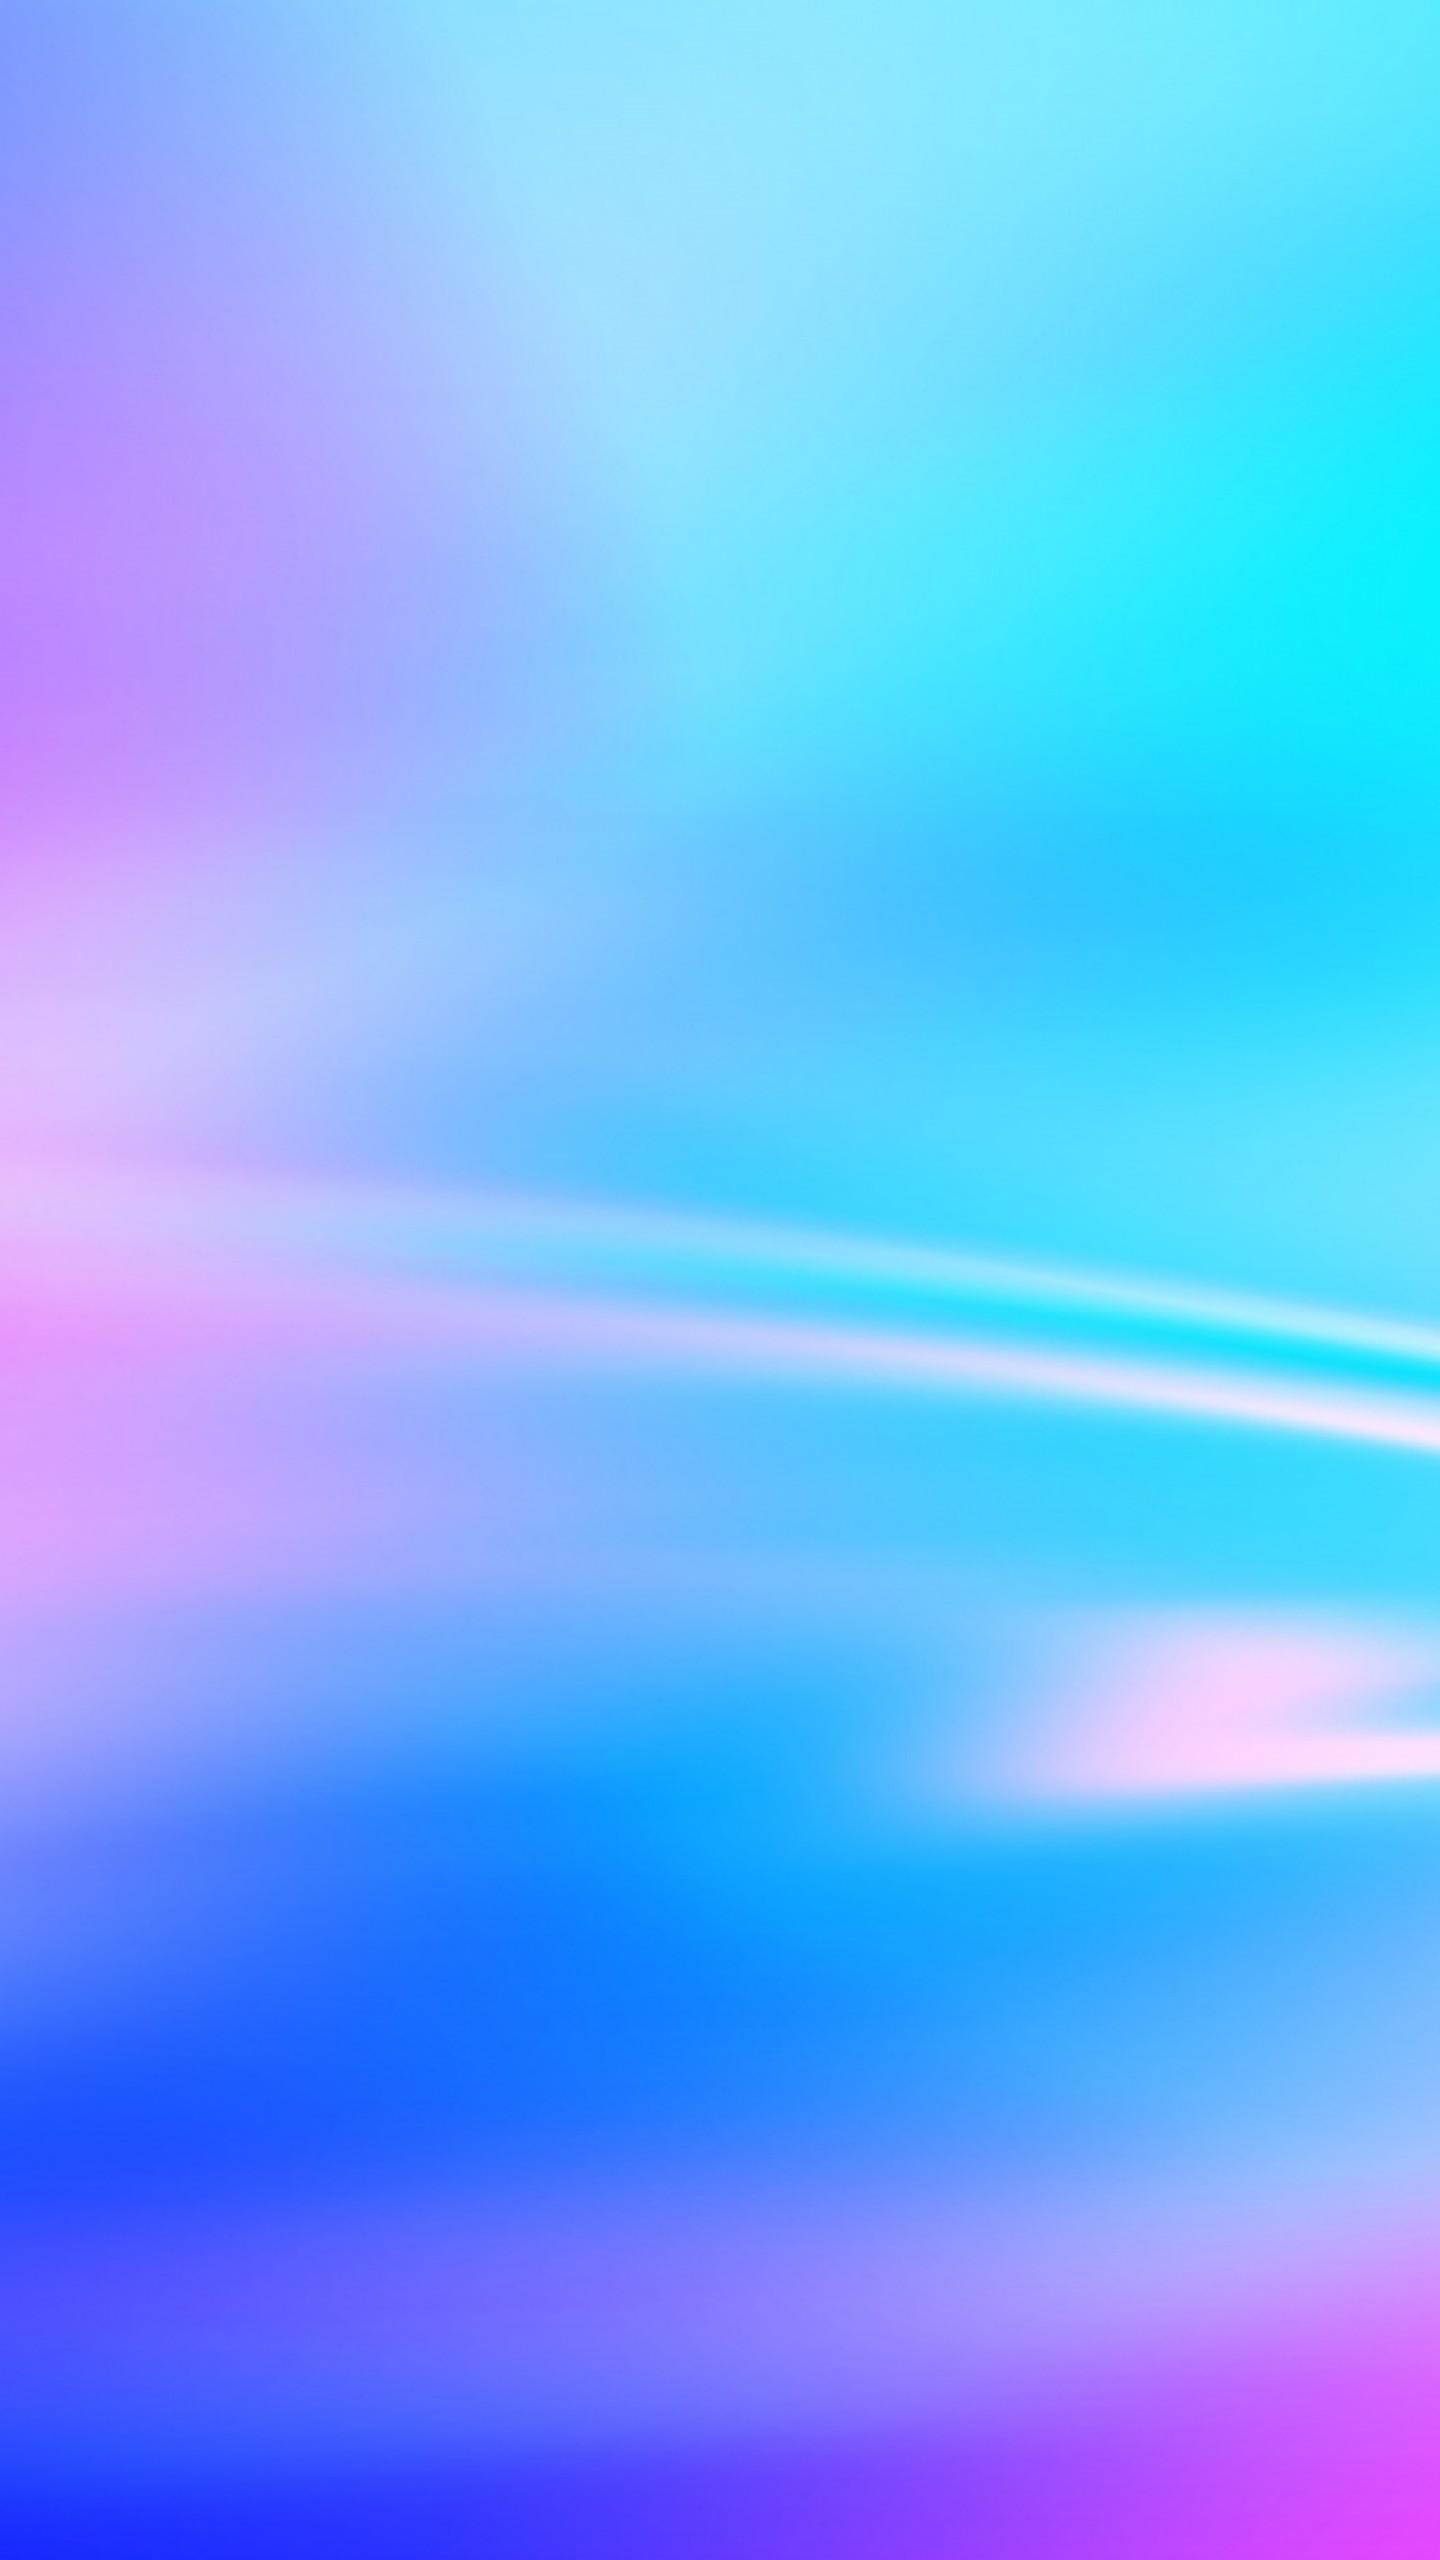 Wallpaper lines, light, blue, pink